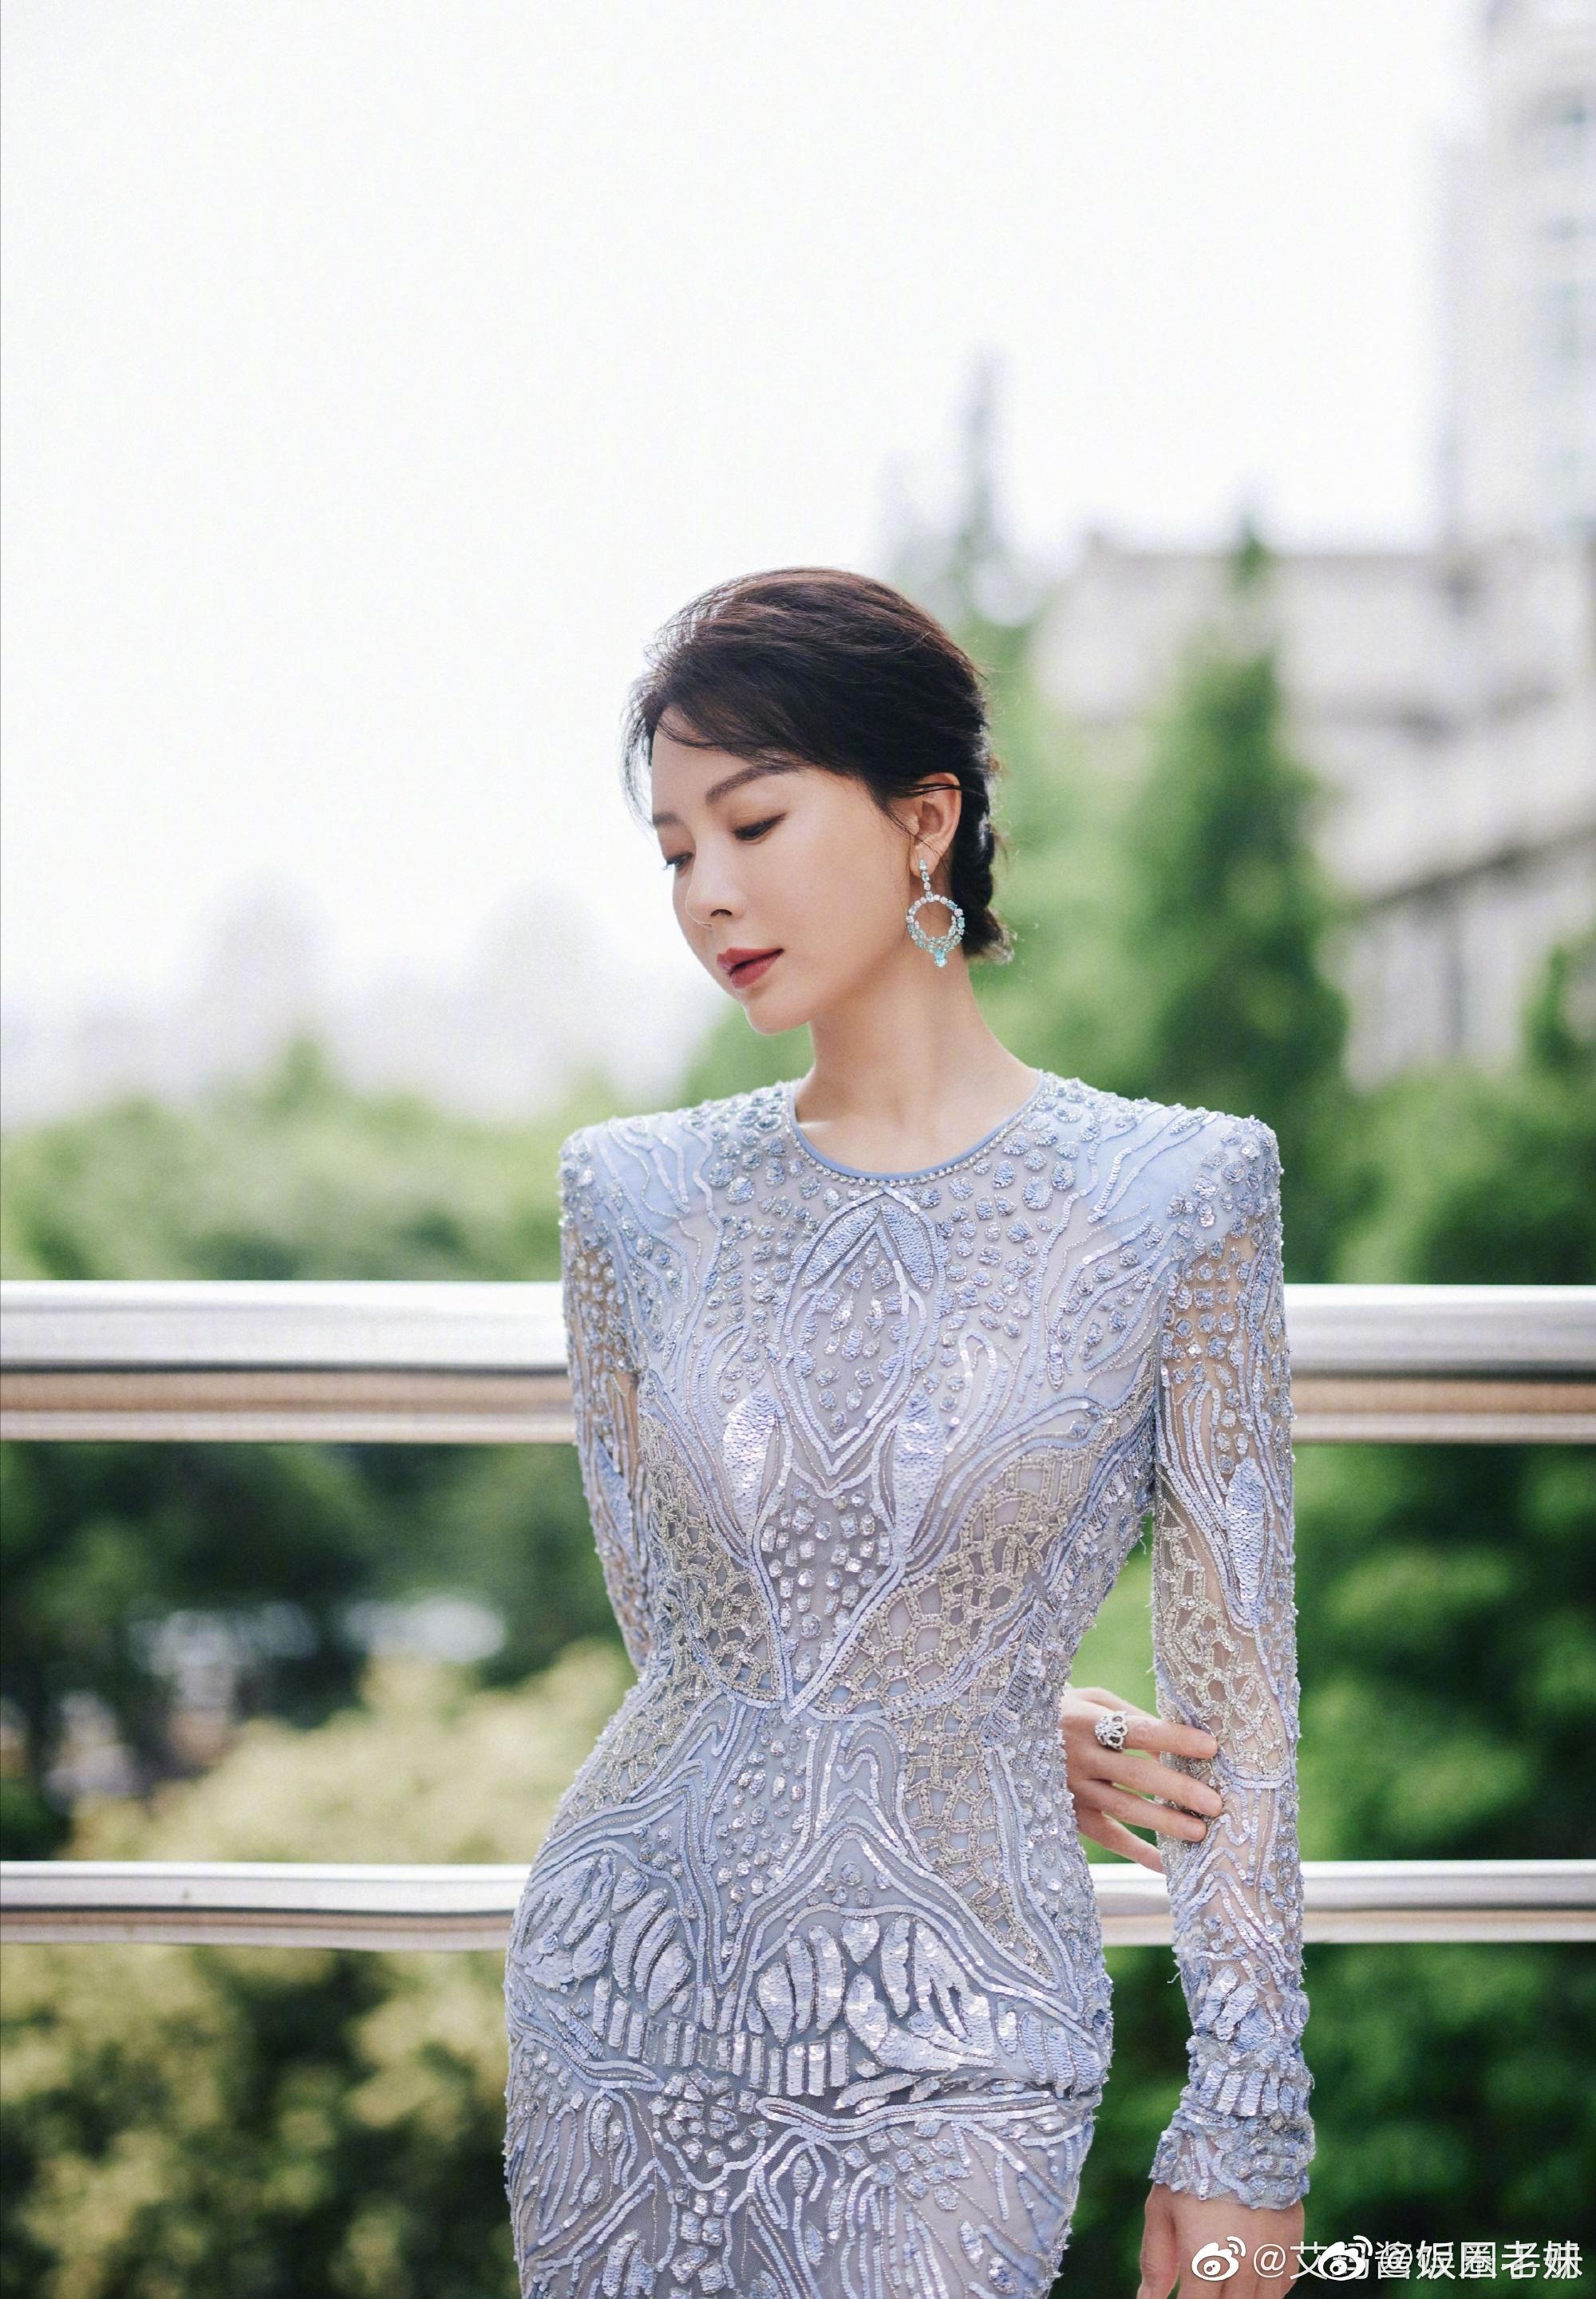 Nữ diễn viên thực lực Trần Sở gây sốt với vóc dáng quyến rũ.